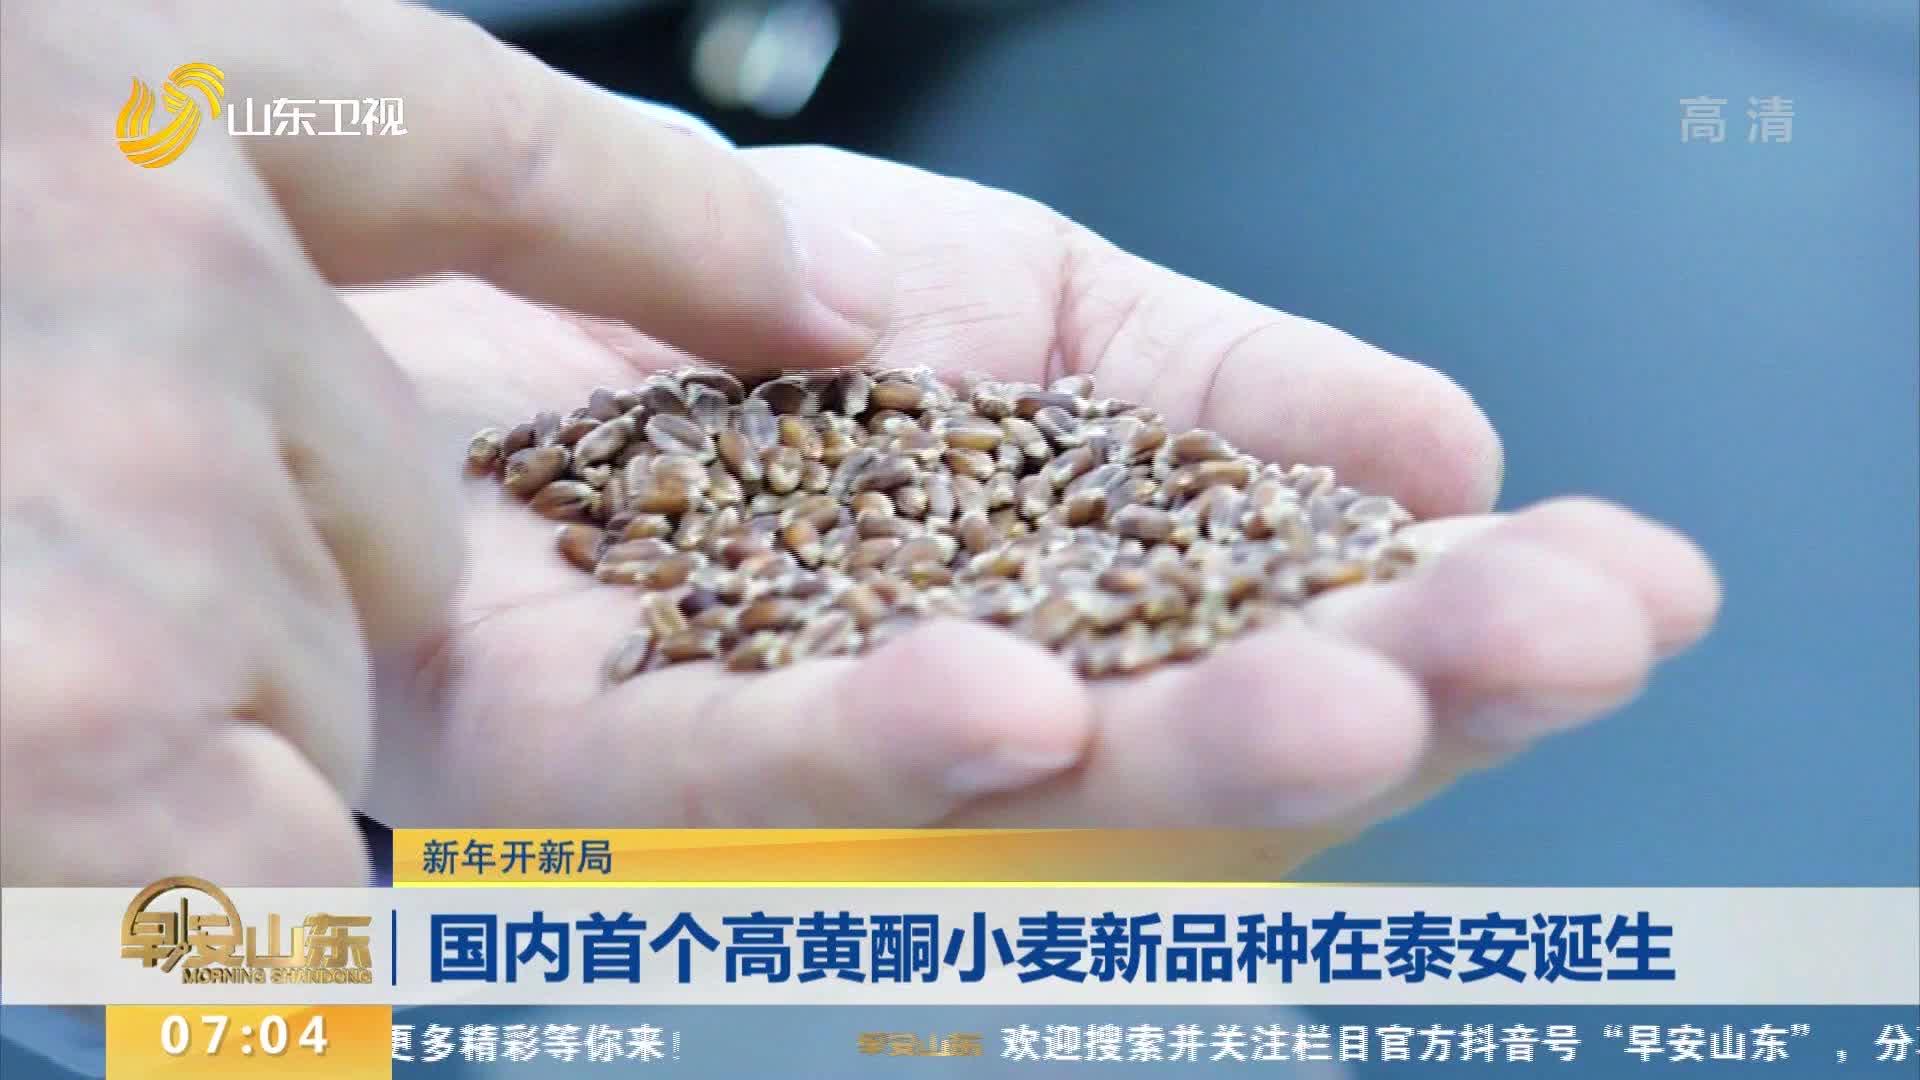 【新年开新局】 国内首个高黄酮小麦新品种在泰安诞生